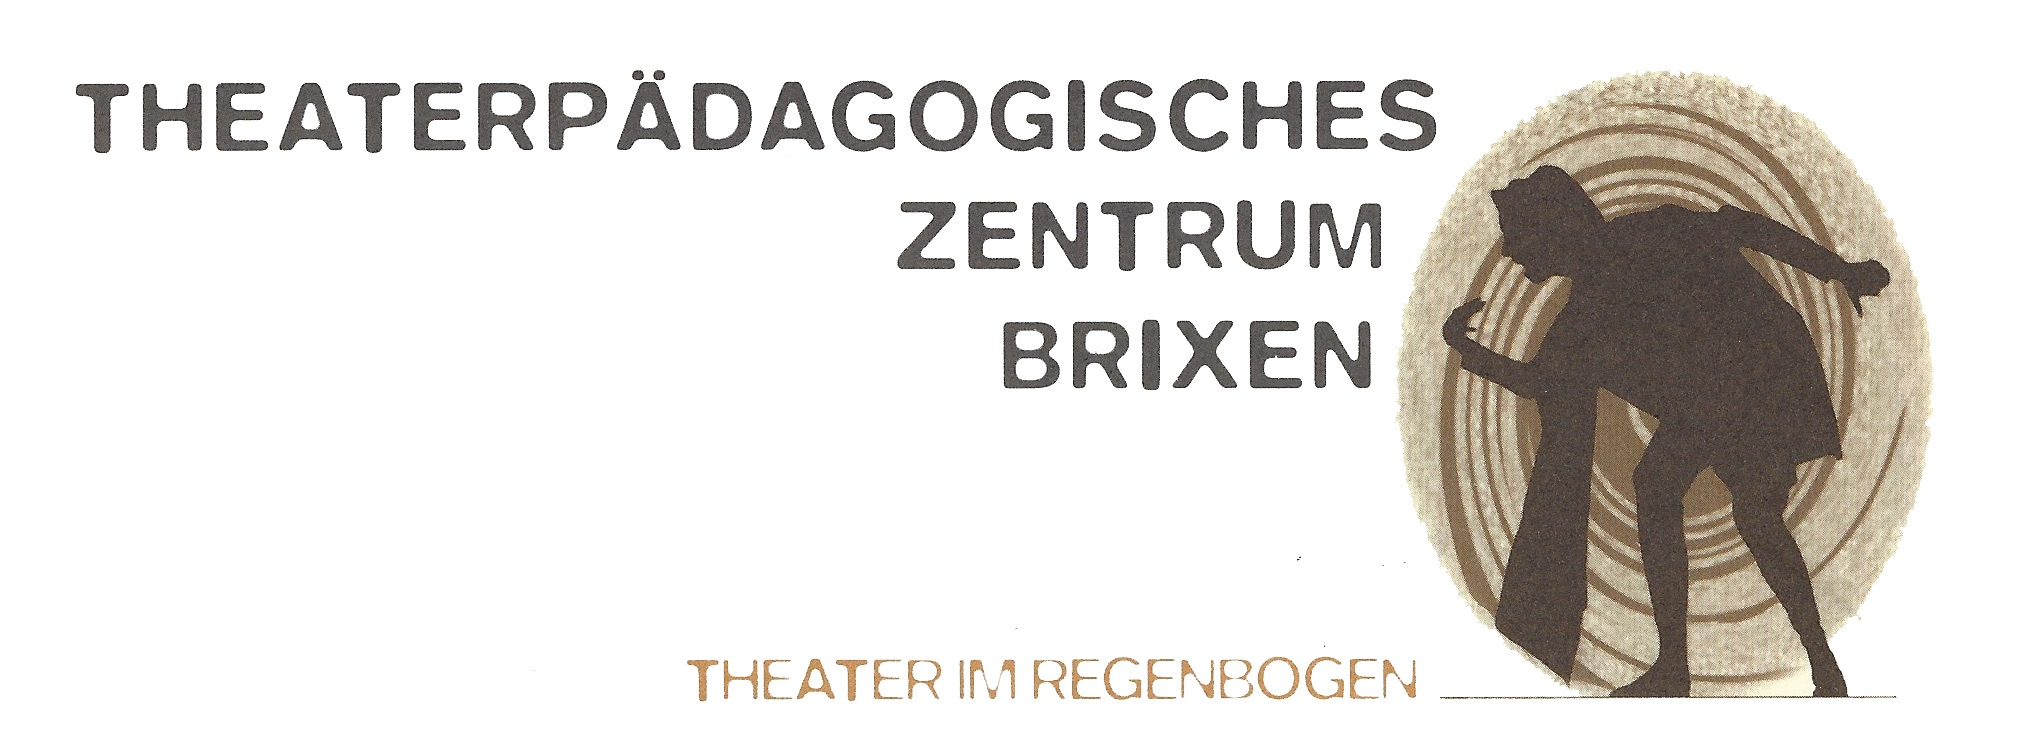 Gründung TPZ - mit neuem Logo von der Druckerei Weger entworfen